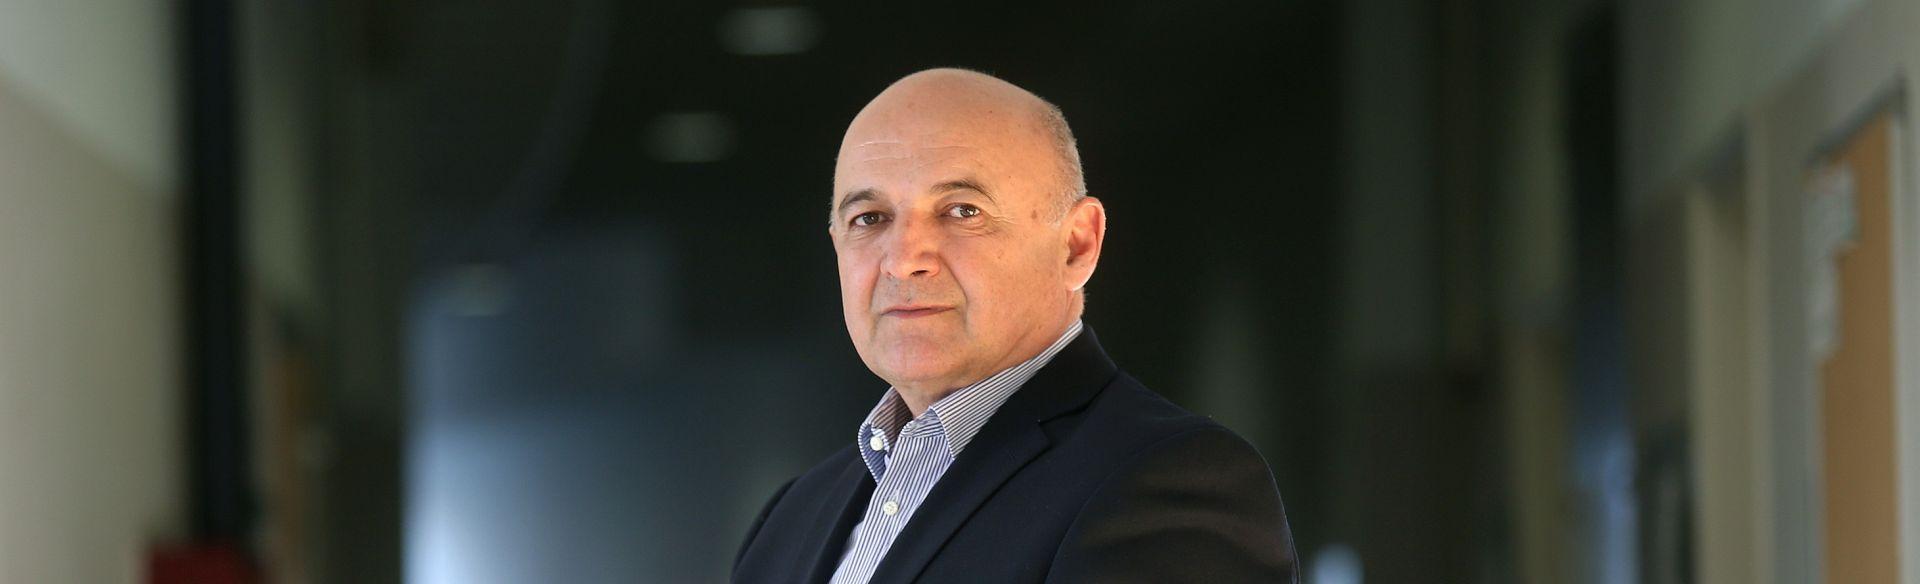 INTERVJU: LJUBO JURČIĆ: 'Milanović bi se trebao povući i malo odspavati'